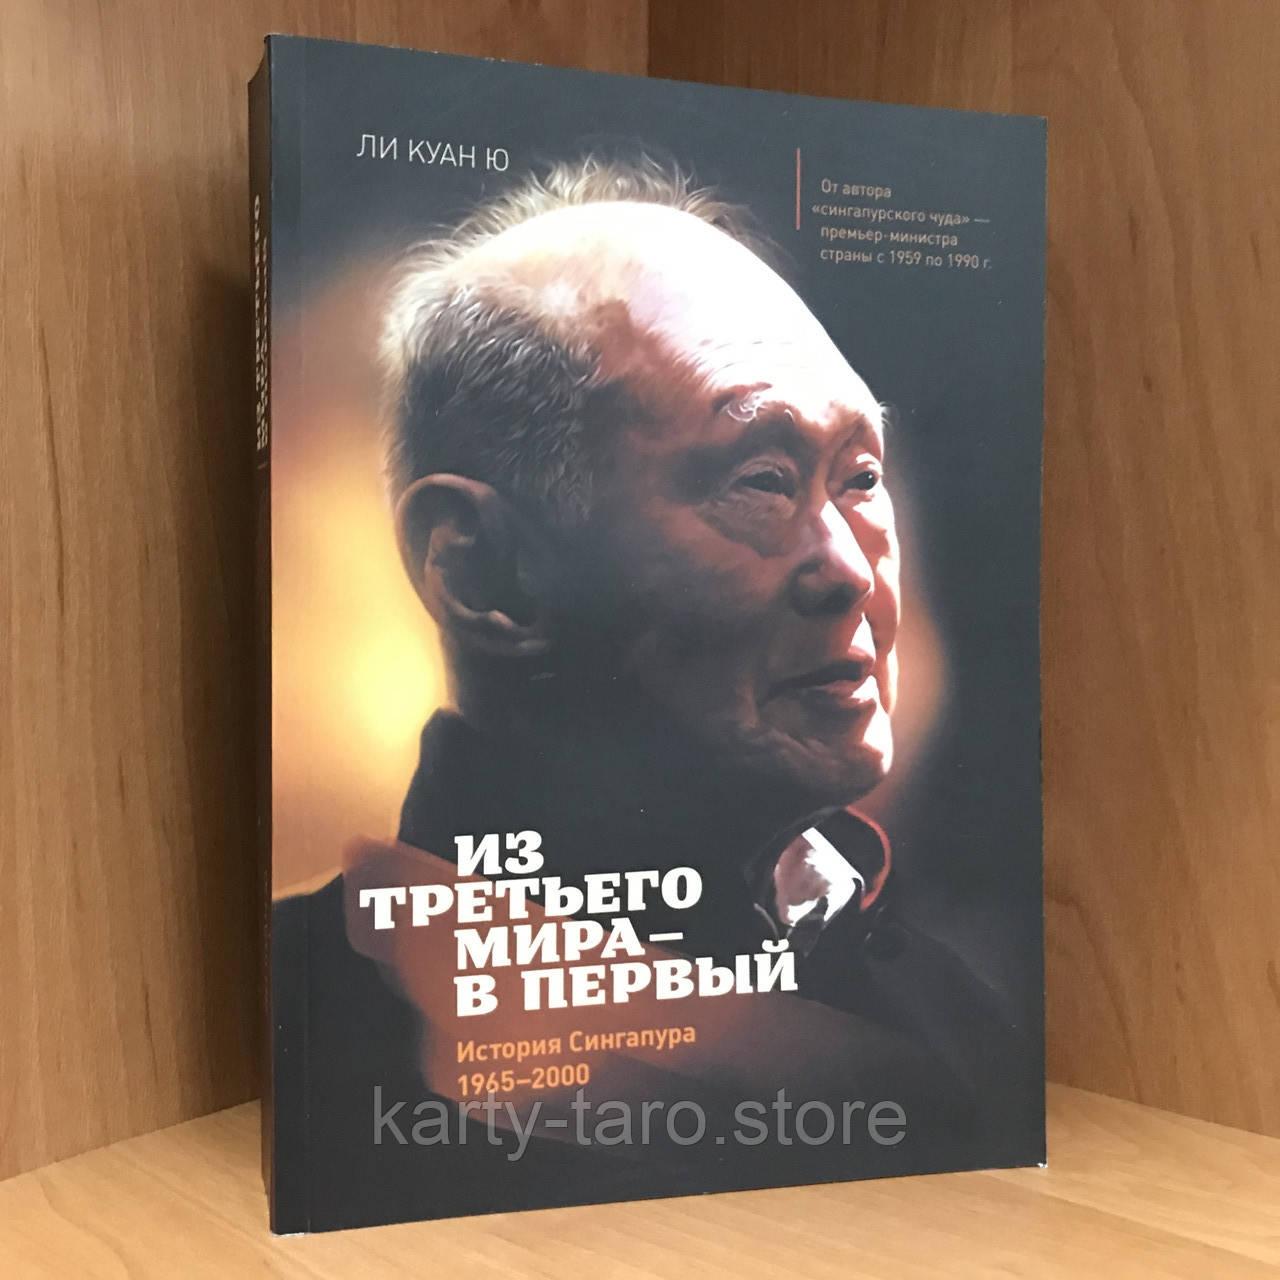 Книга Из третьего мира - в первый. История Сингапура 1965-2000 - Ли Куан Ю